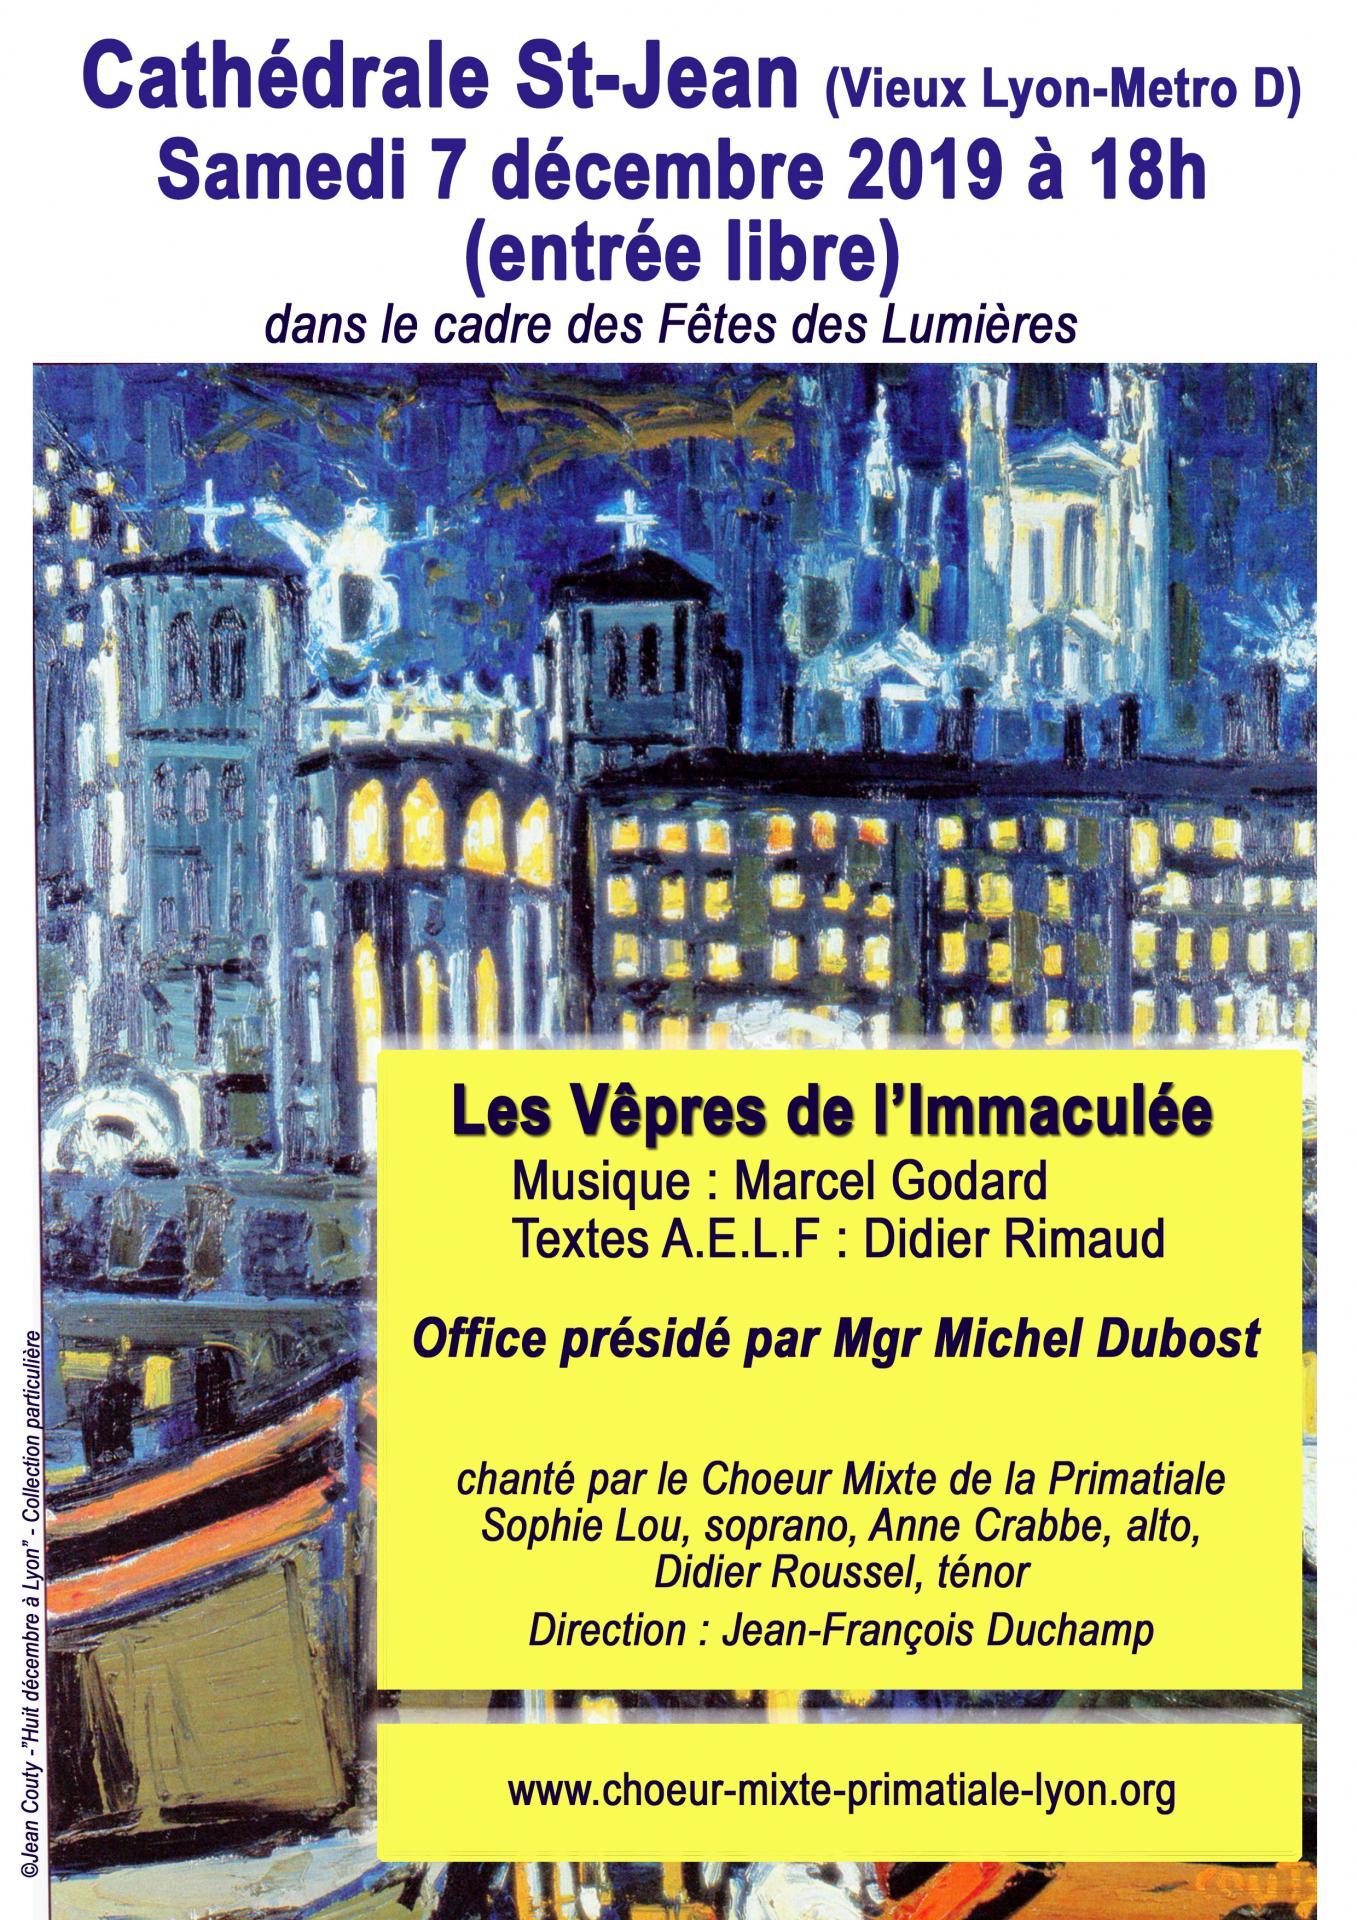 Vêpres de L'Immaculée - Marcel Godard